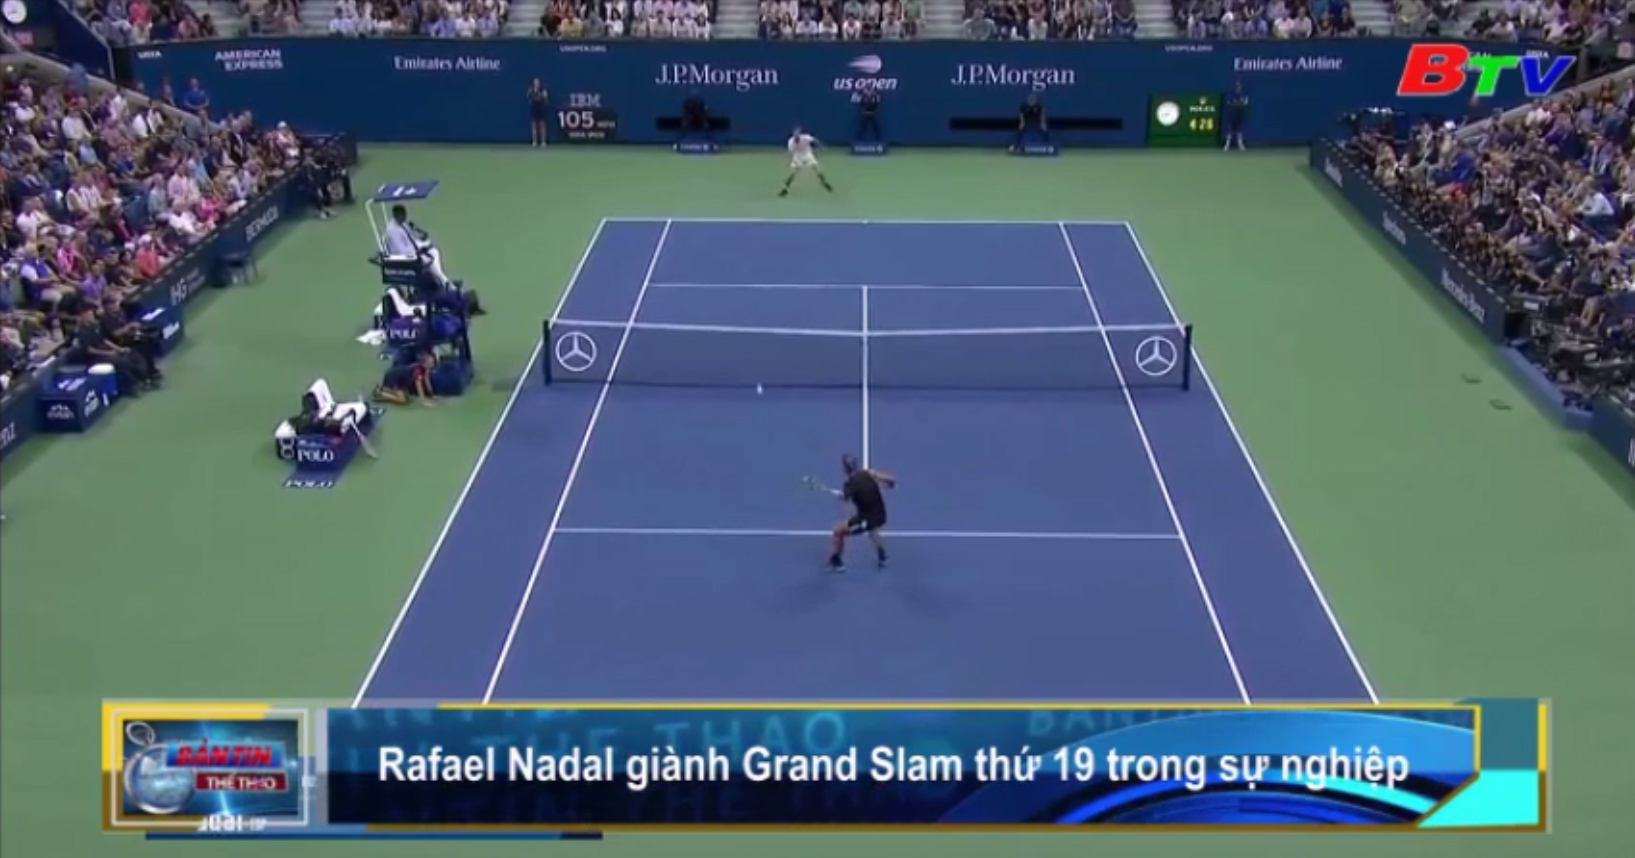 Rafael Nadal giành Grand Slam thứ 19 trong sự nghiệp